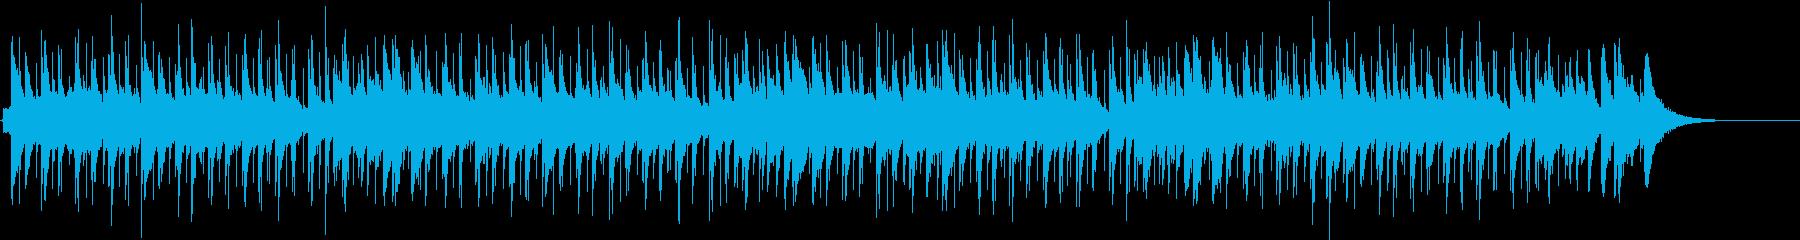 主張の少ないシンプルなブルースの再生済みの波形